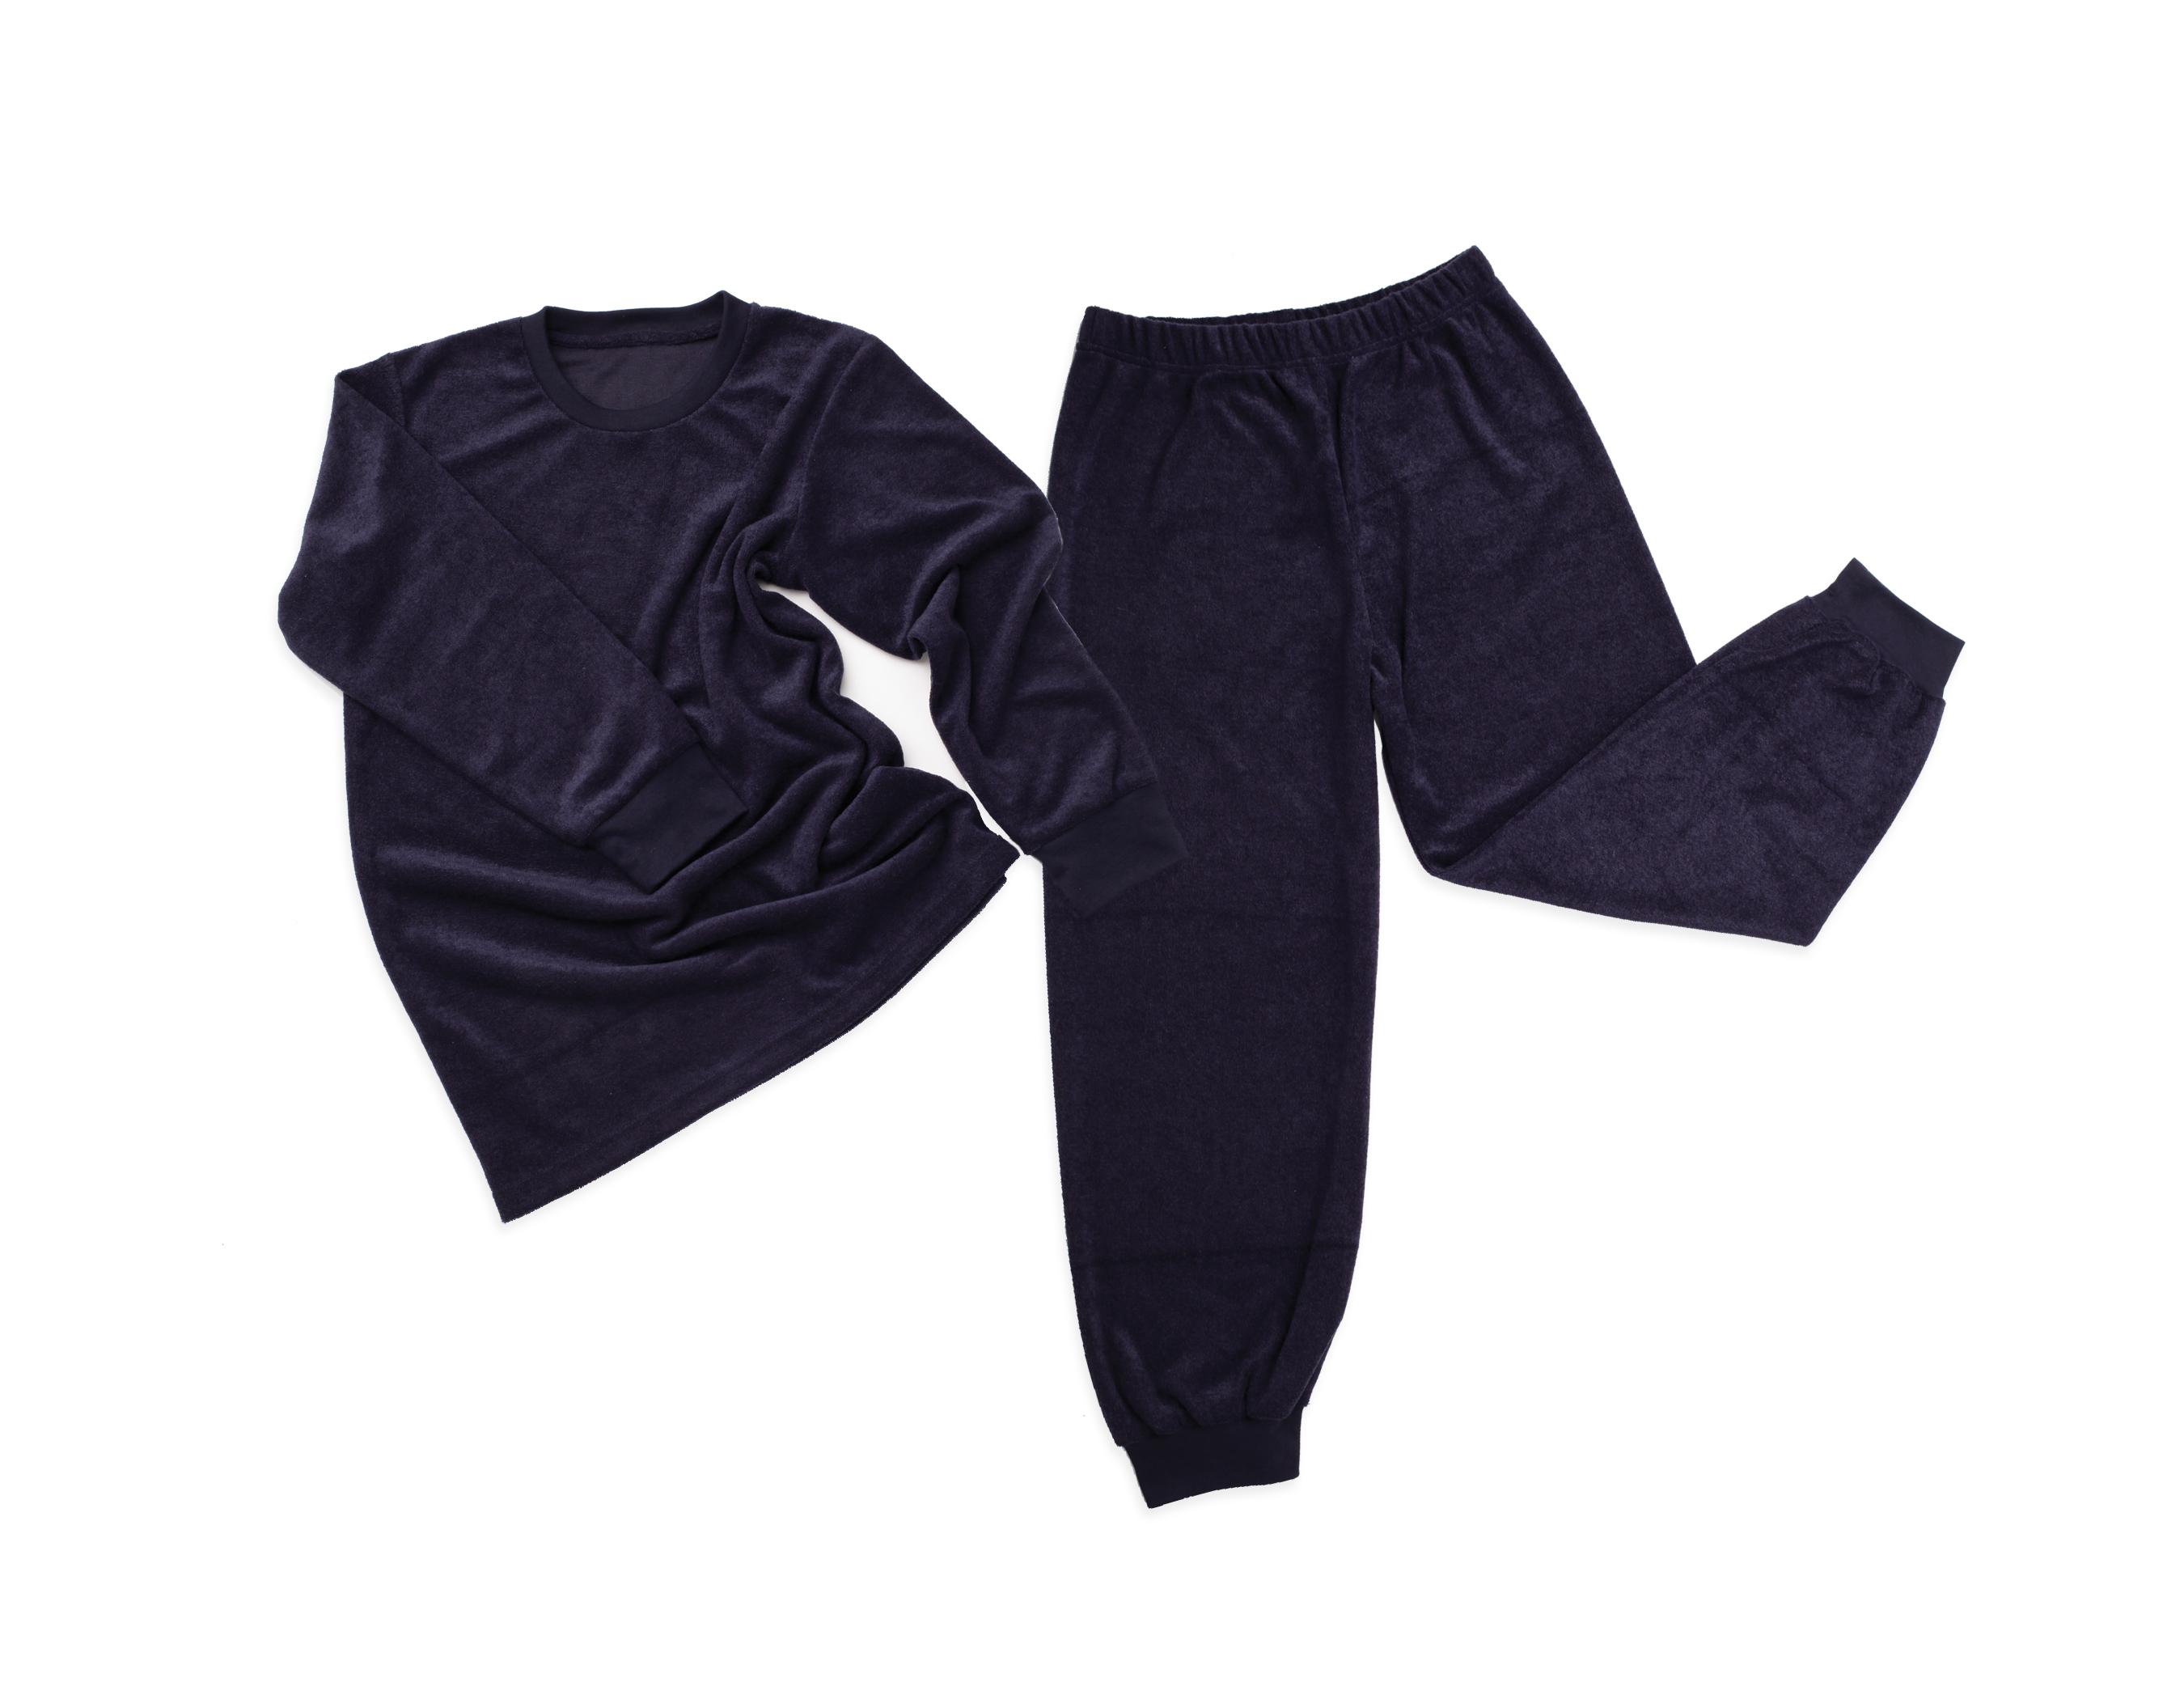 PAL Inflight Pajamas